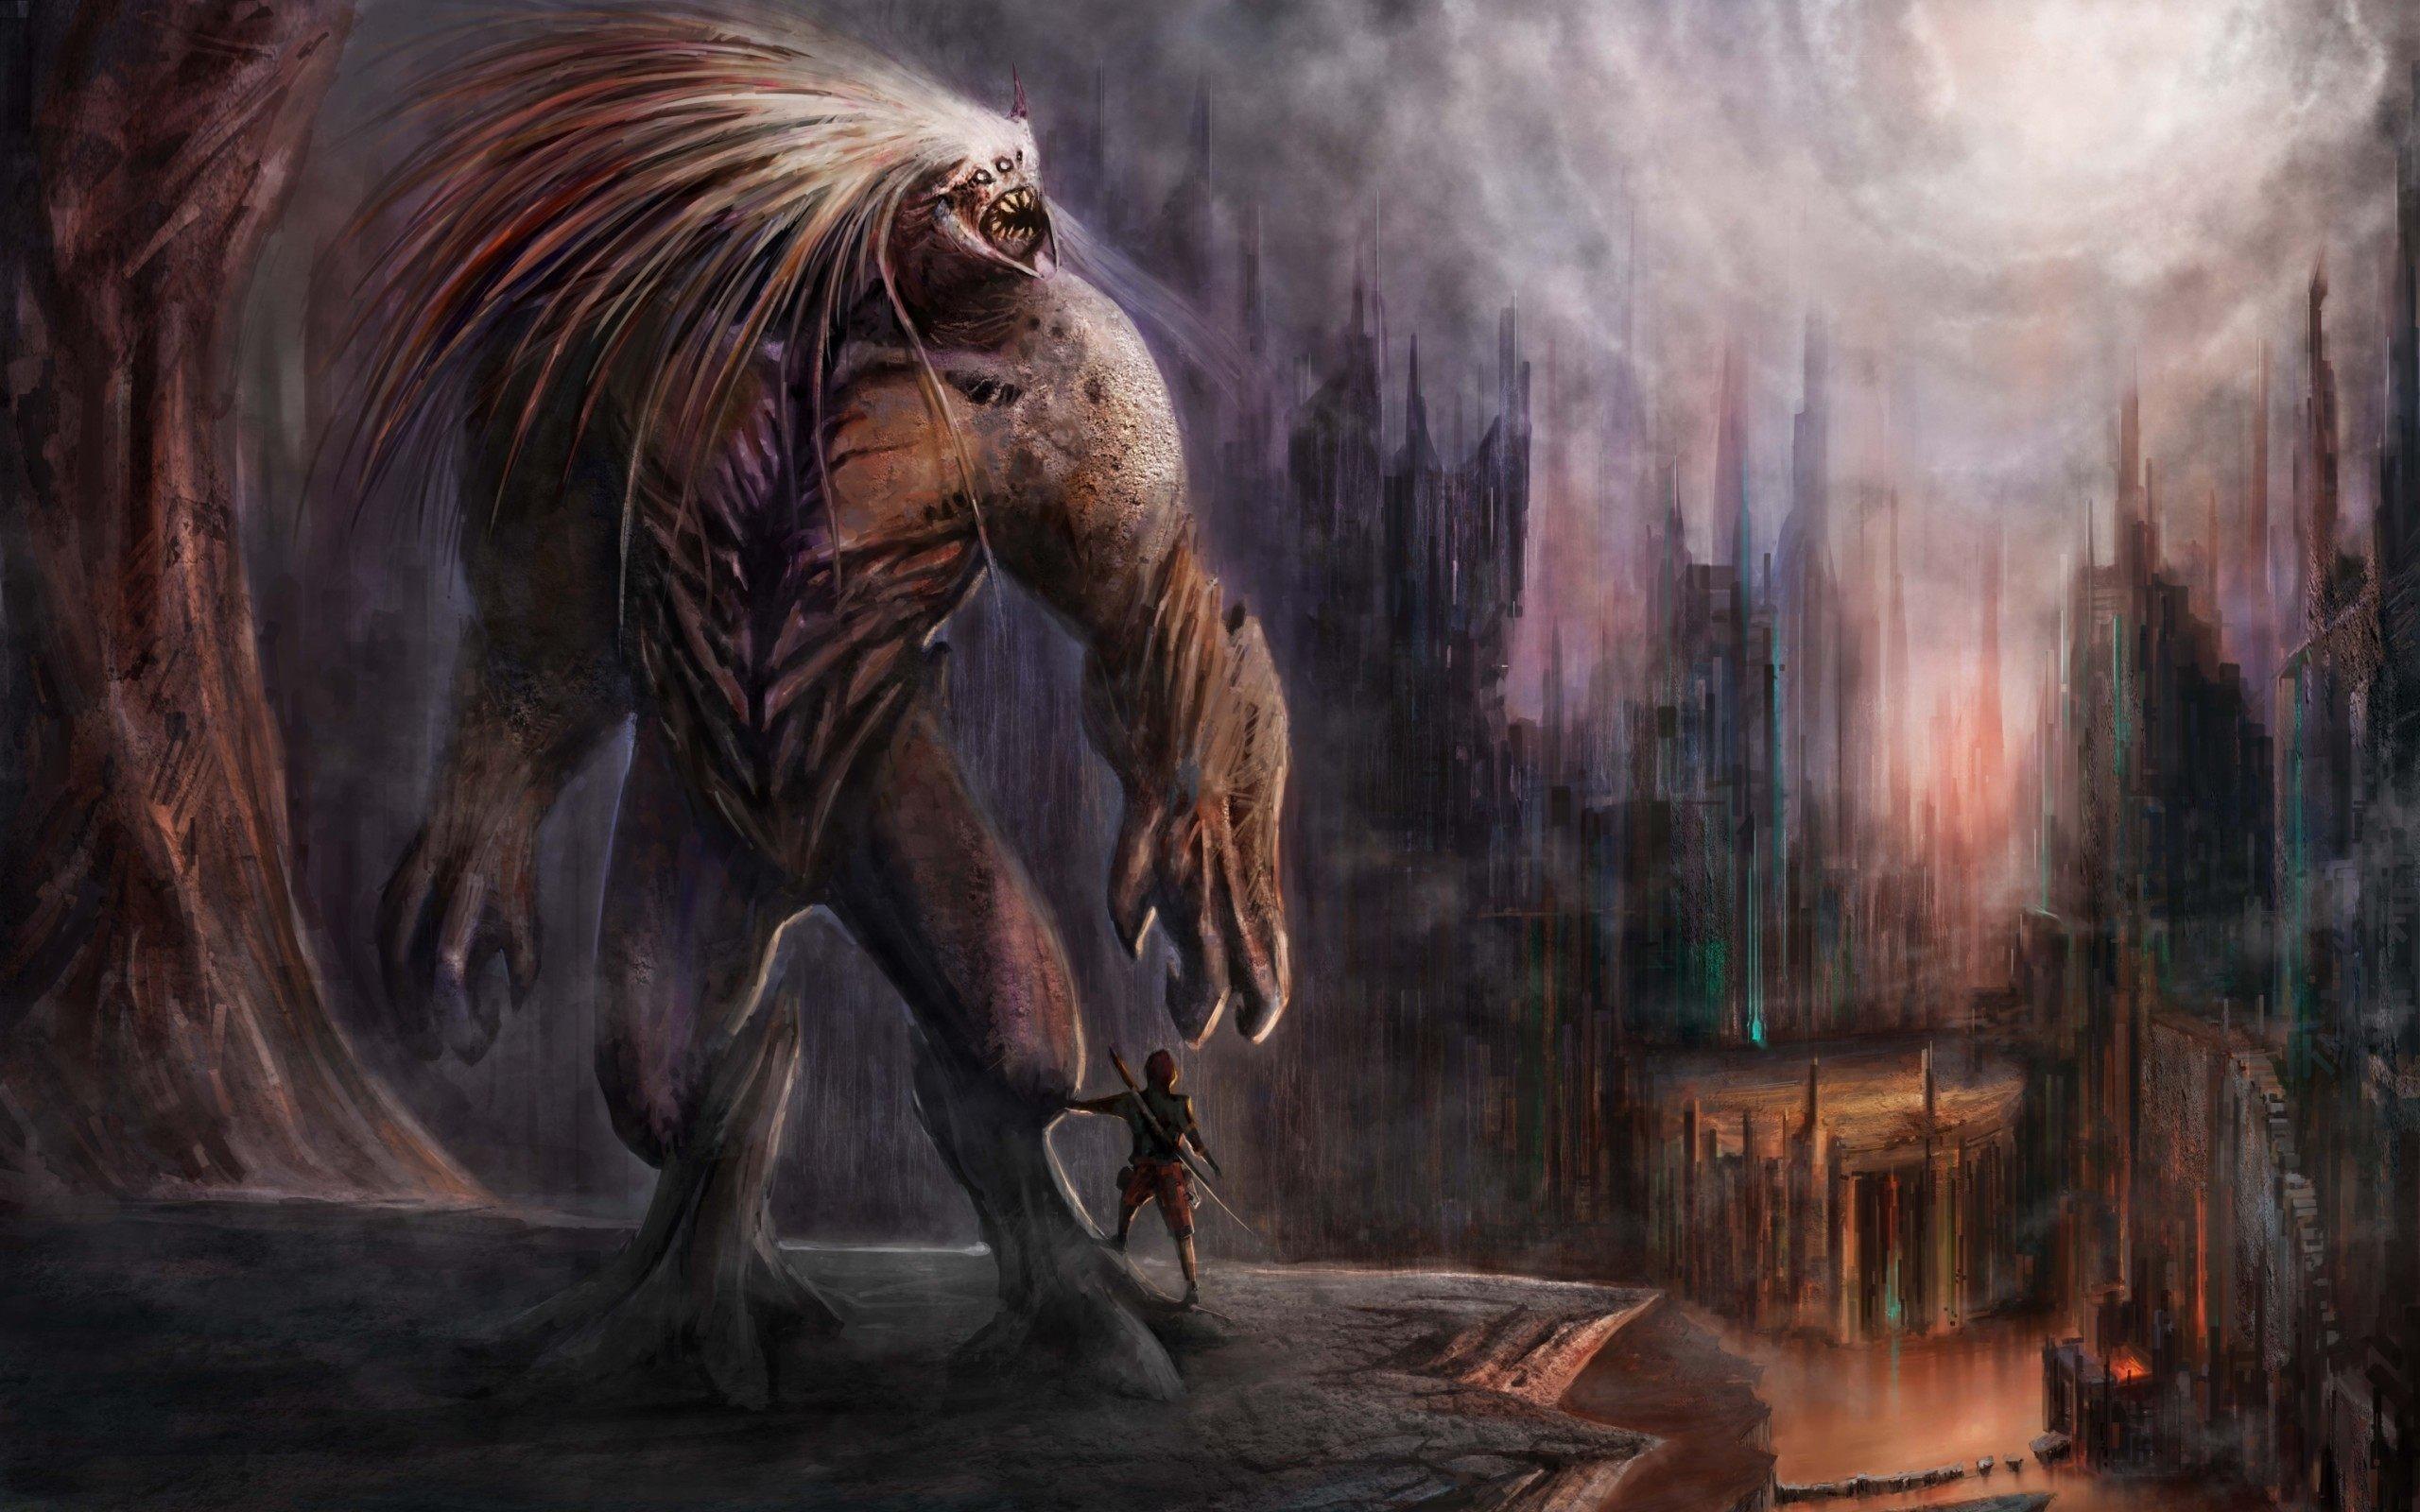 Giant Monster Wallpaper High Resolution